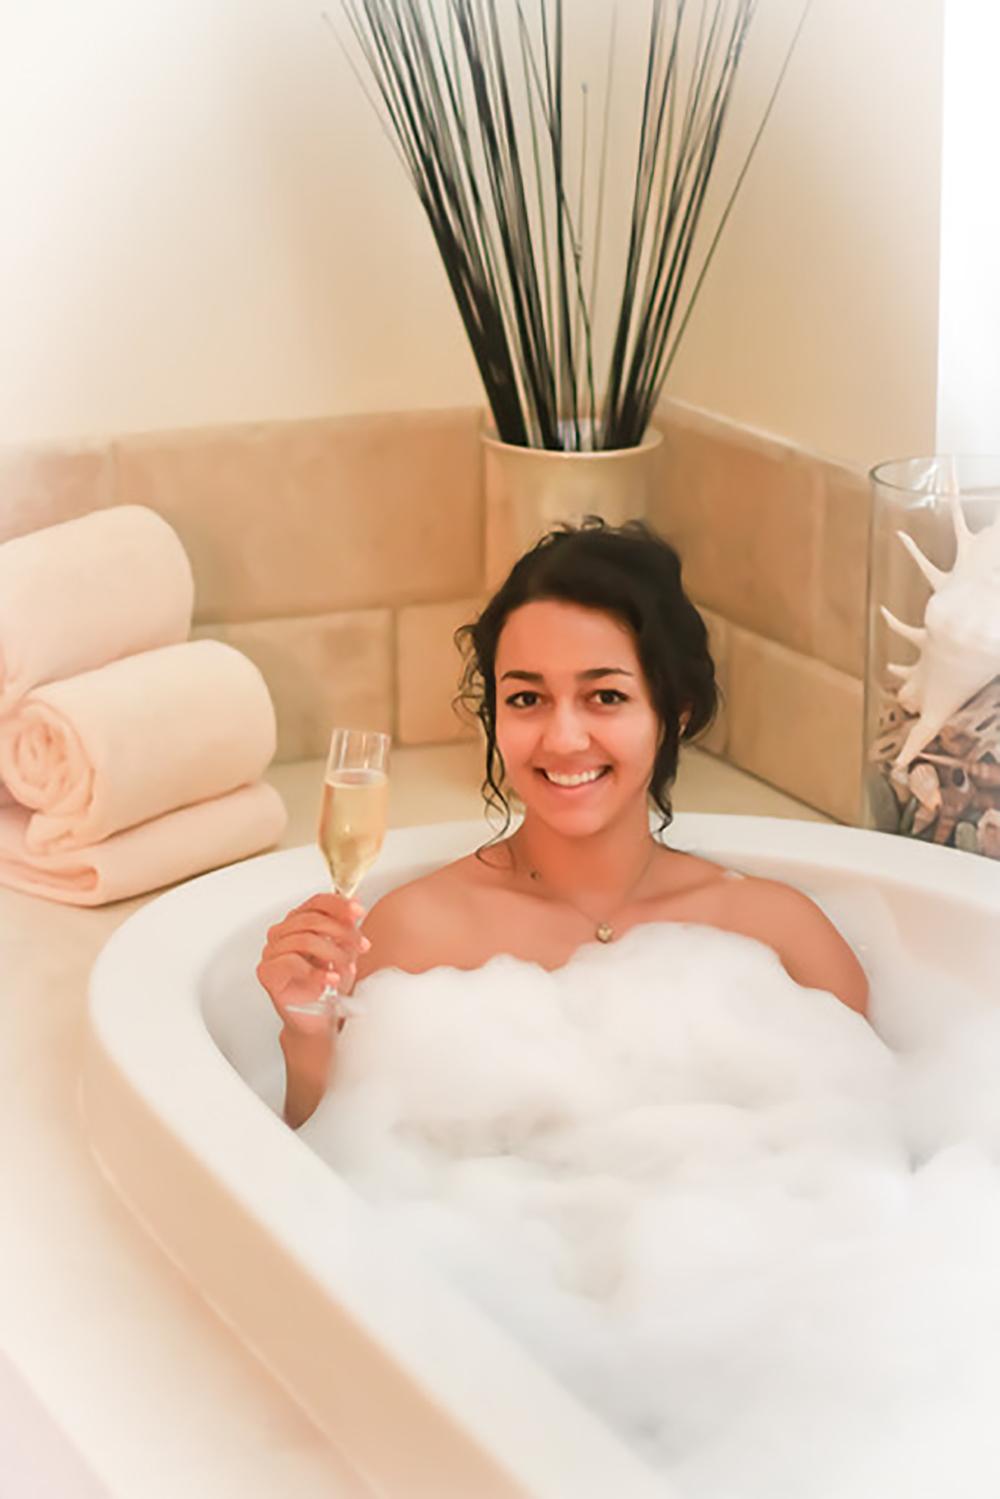 champagne in tub.jpg